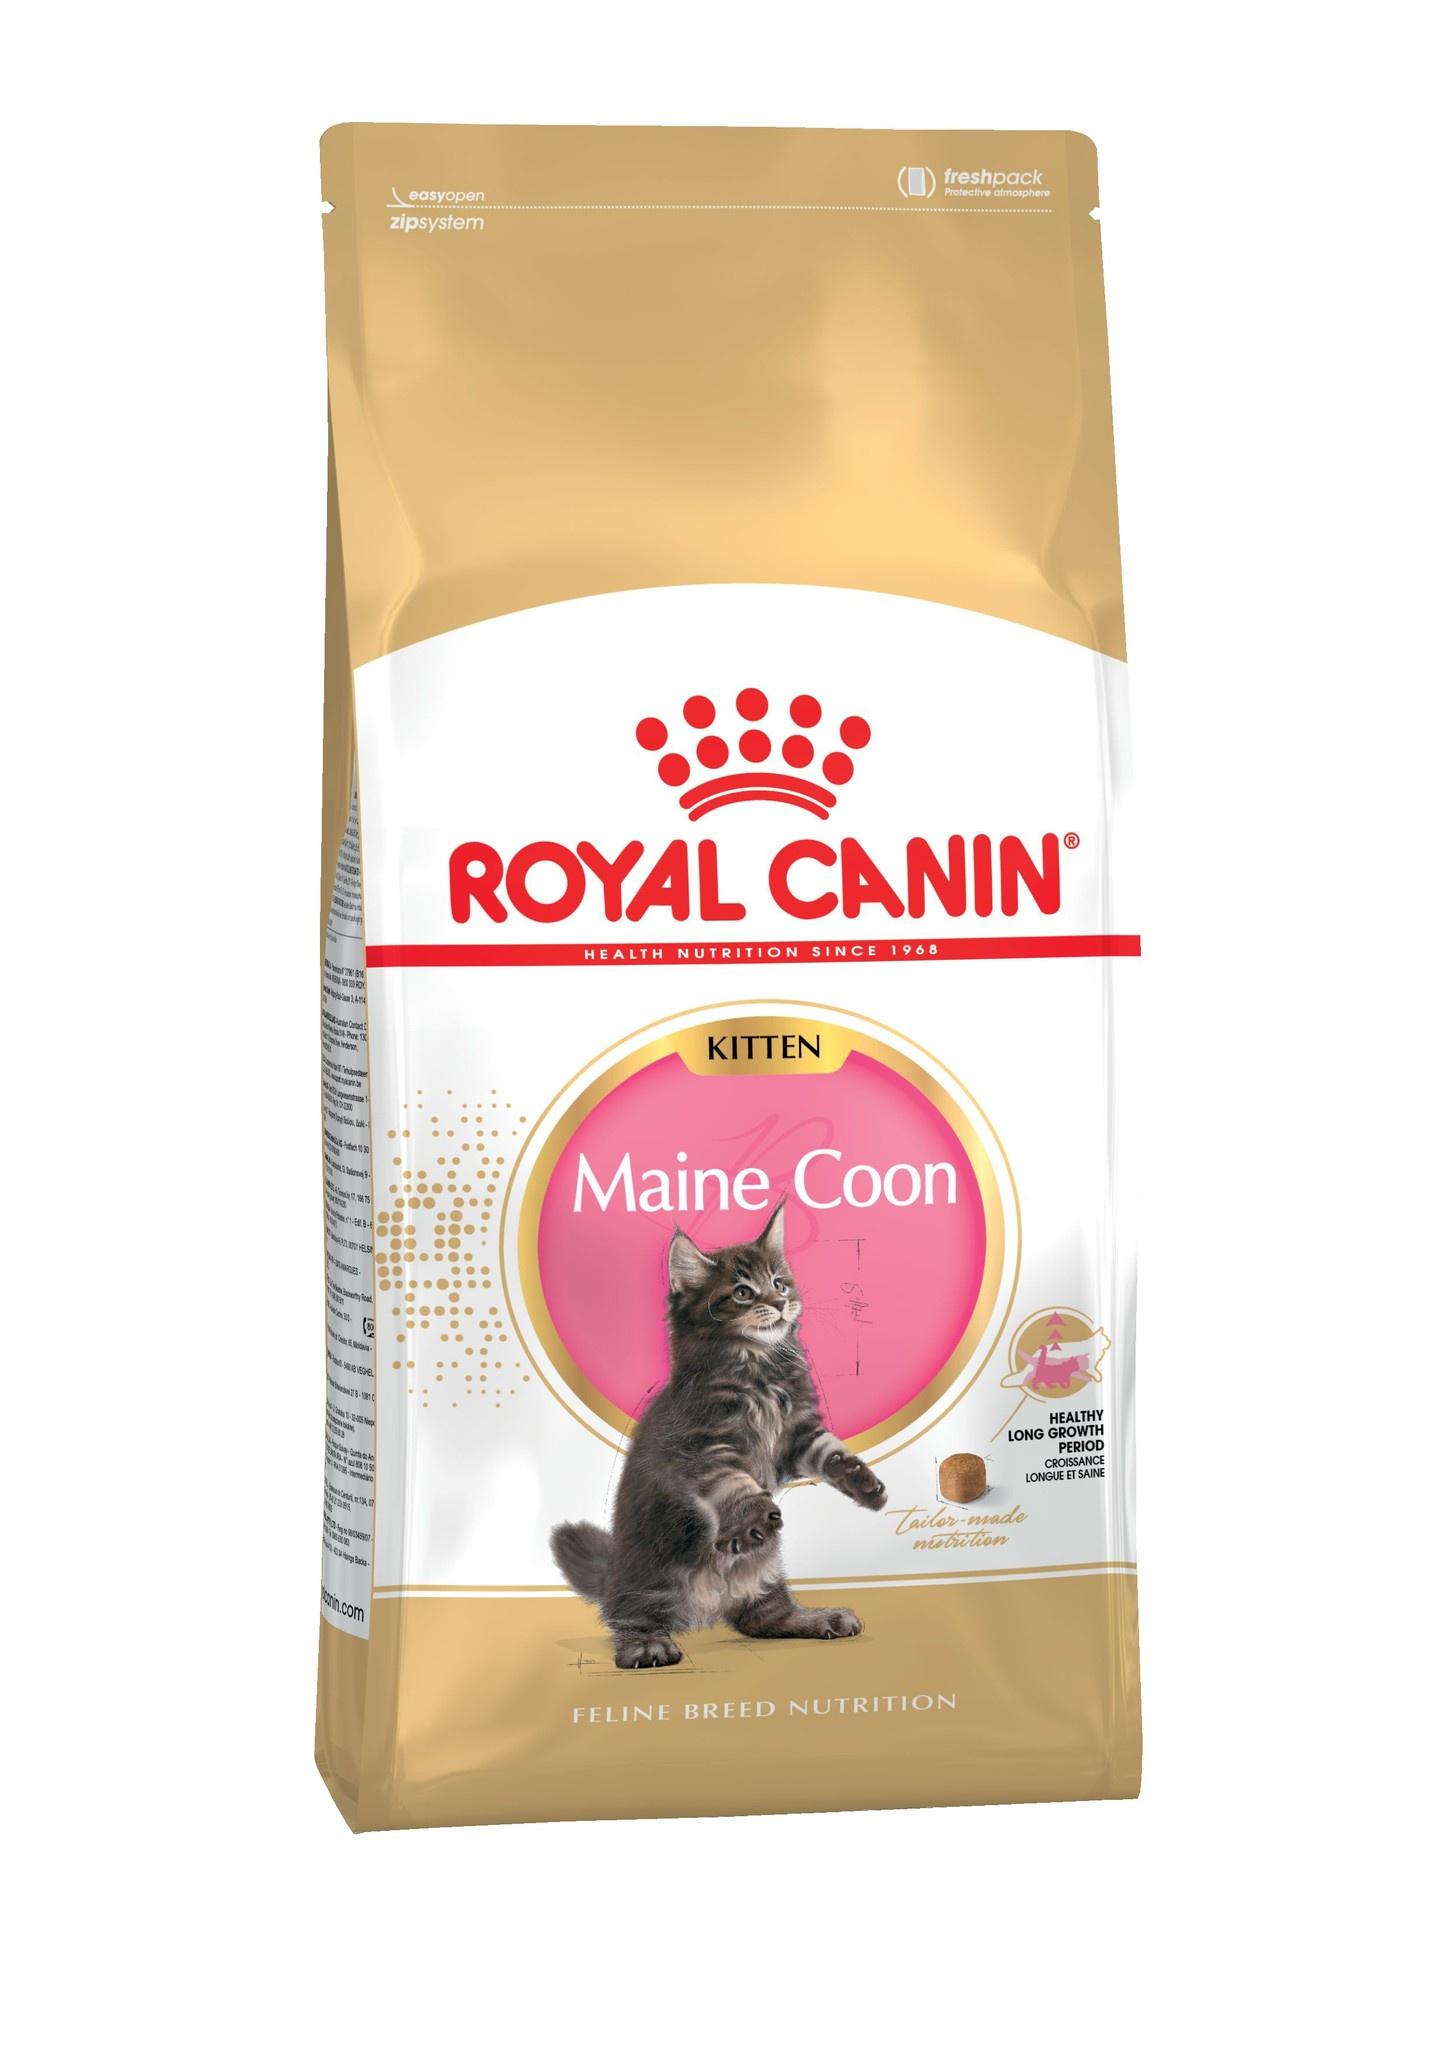 Royal Canin корм для котят породы Мейн Кун и других крупных пород (10 кг) корм для кошек взрослых породы мейн кун соус 12х0 085 кг